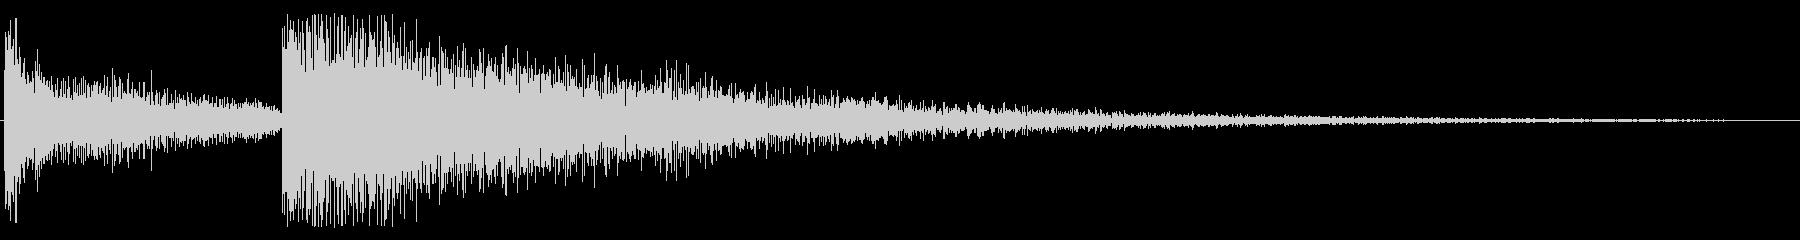 ピロン テレン ピロン 下降 トイピアノの未再生の波形